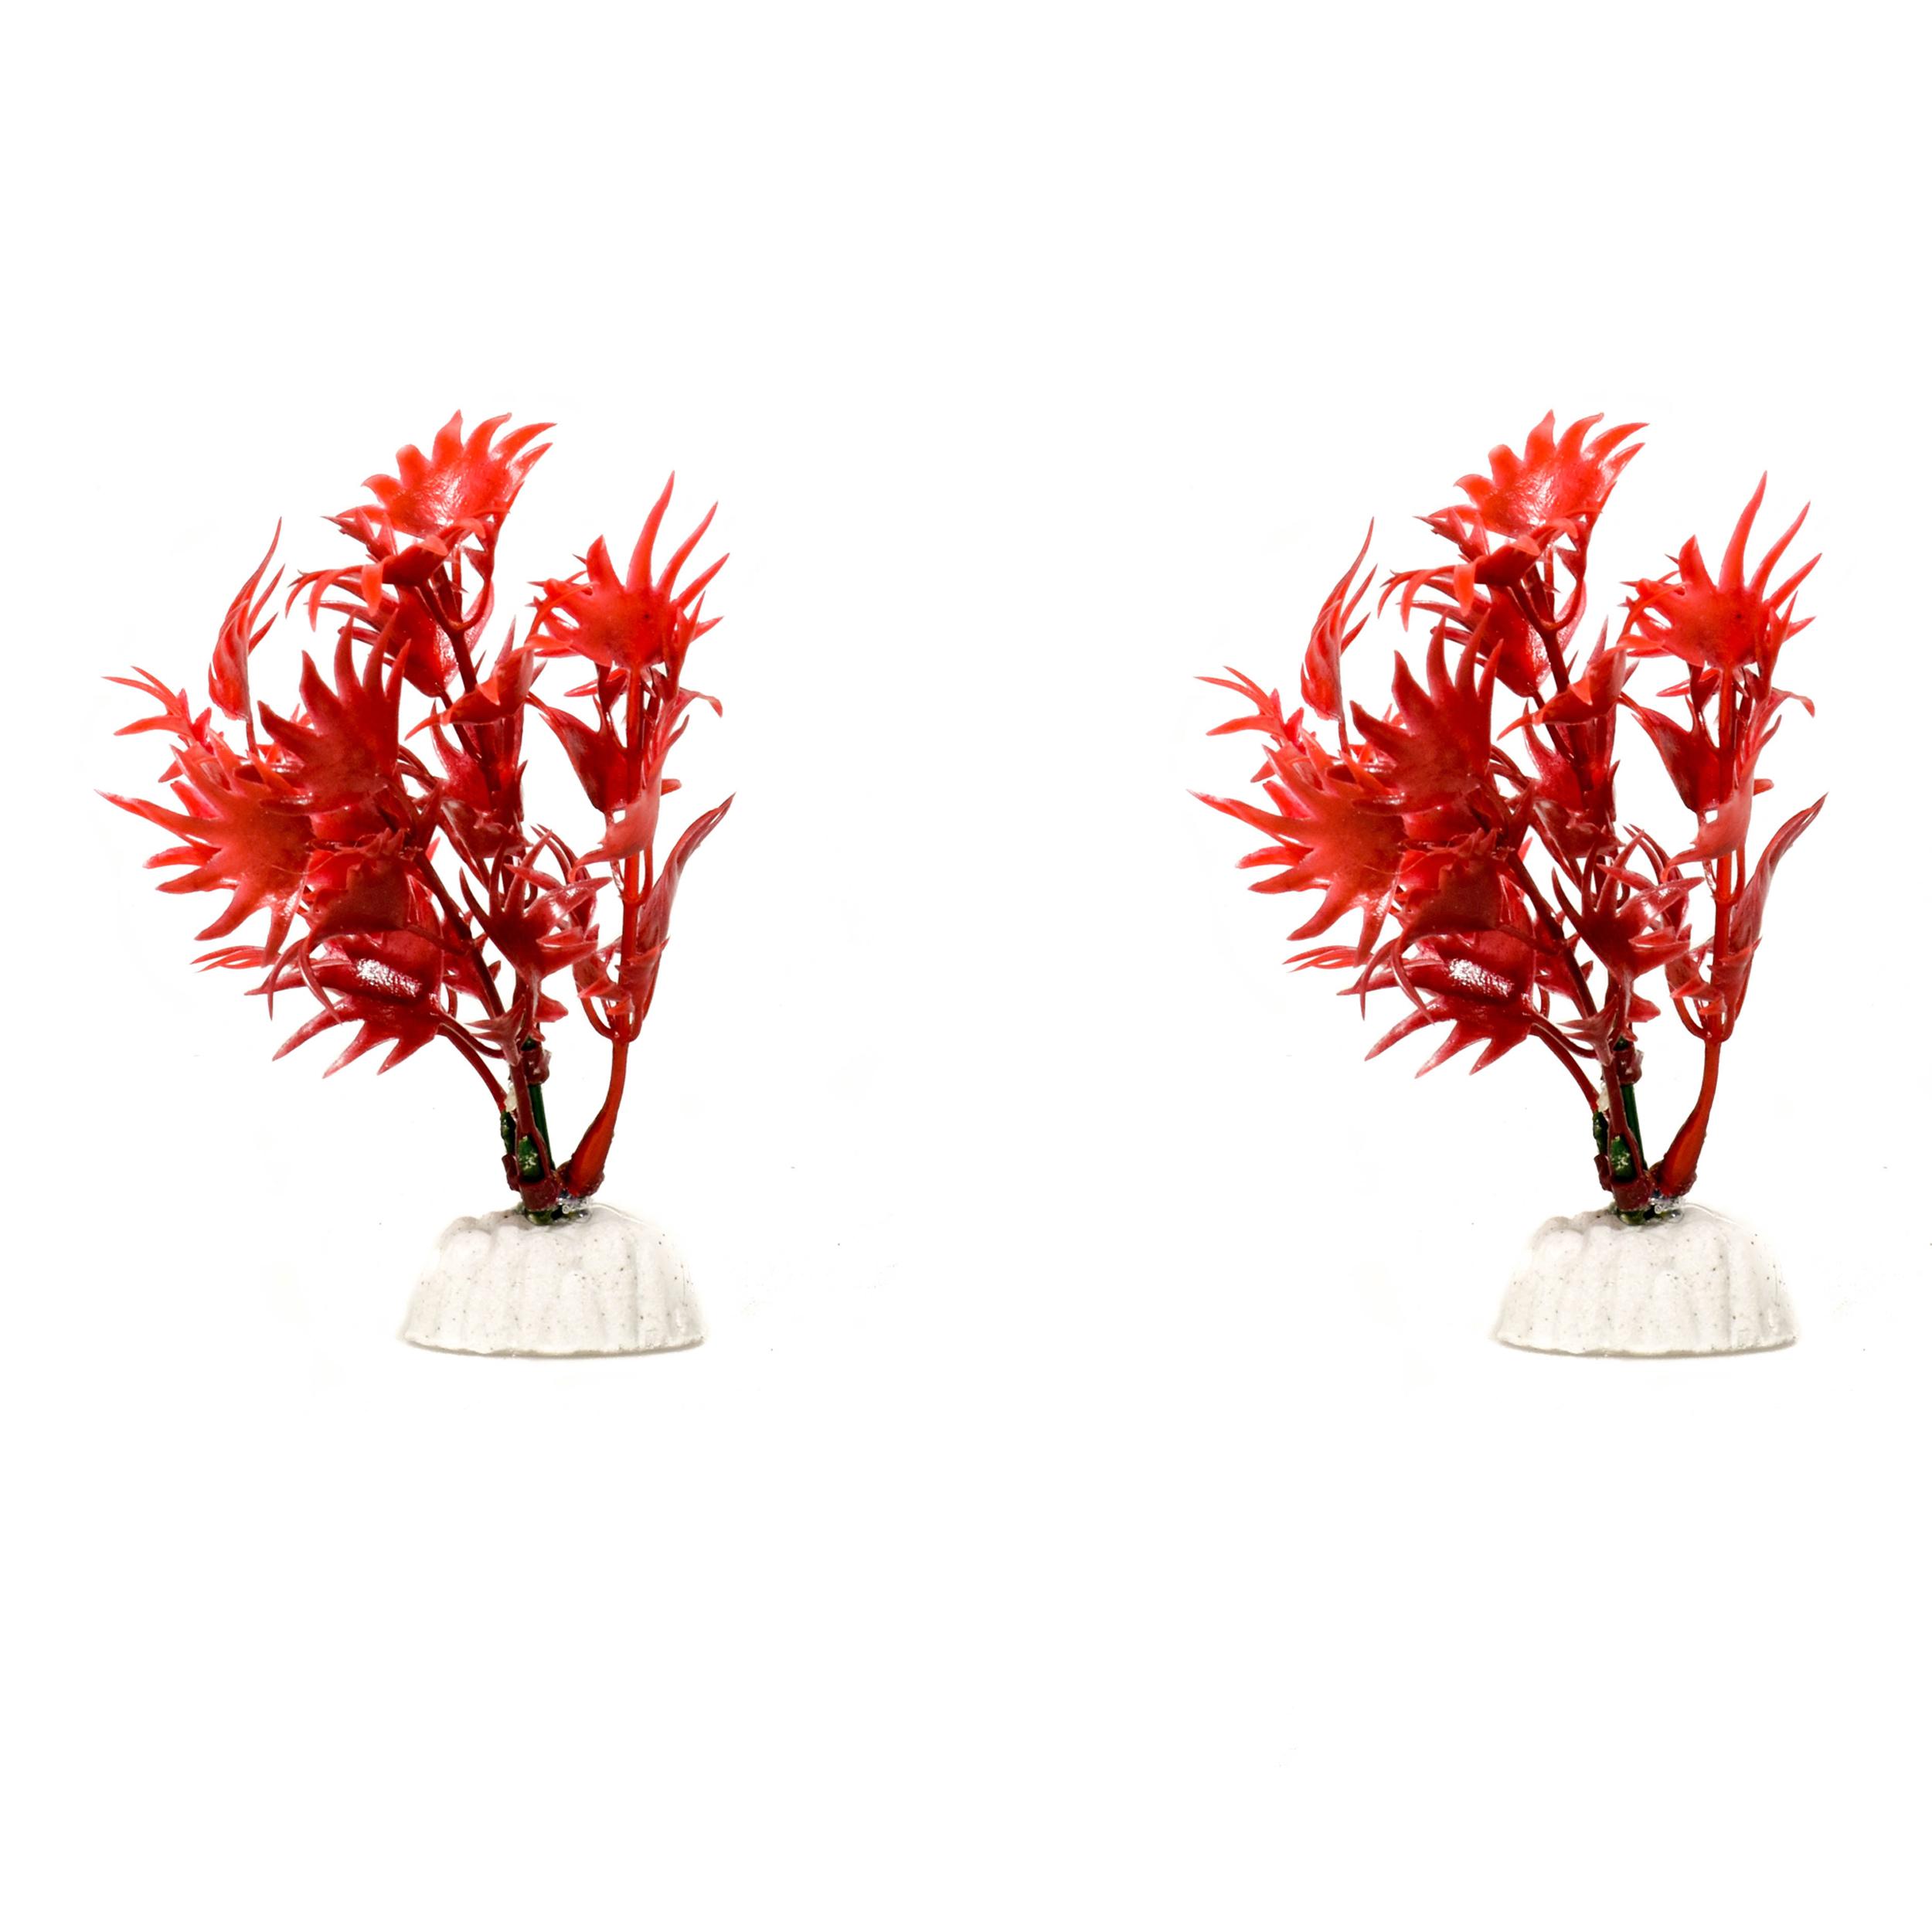 گیاه مصنوعی آکواریوم کد 81210 بسته 2 عددی